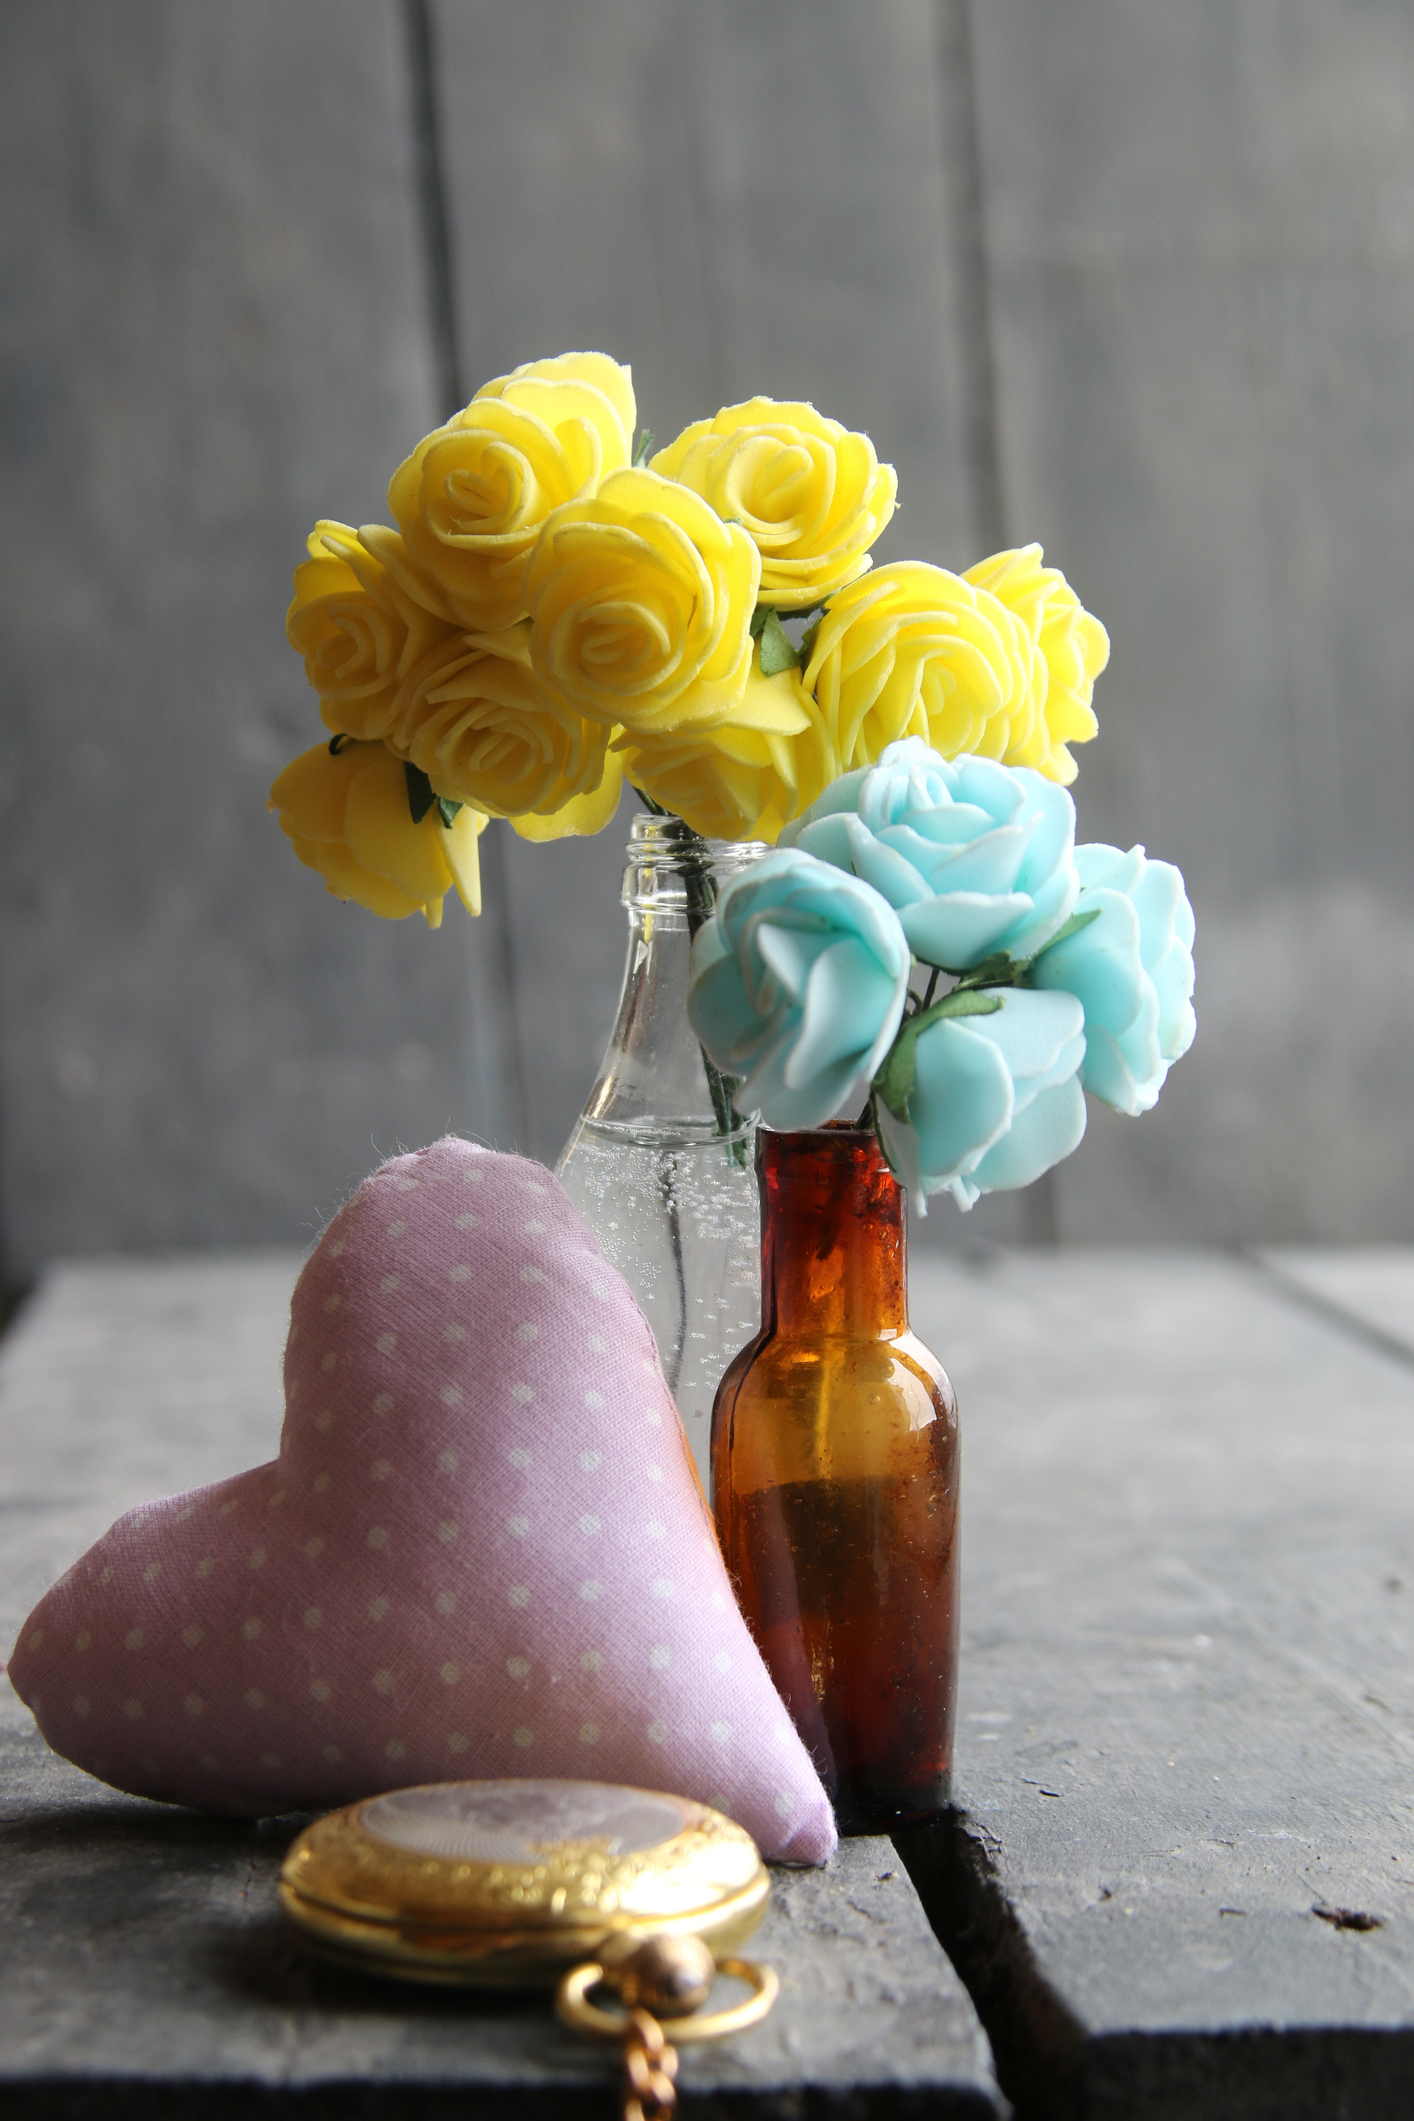 Tavasszal a zöld, halványsárga és a rózsaszín árnyalatok nagyon kedveltek a lakásdekoráció területén is. Például ez a varrt kis szívecske a nappaliban, de a gyerekszobában is megállja a helyét!